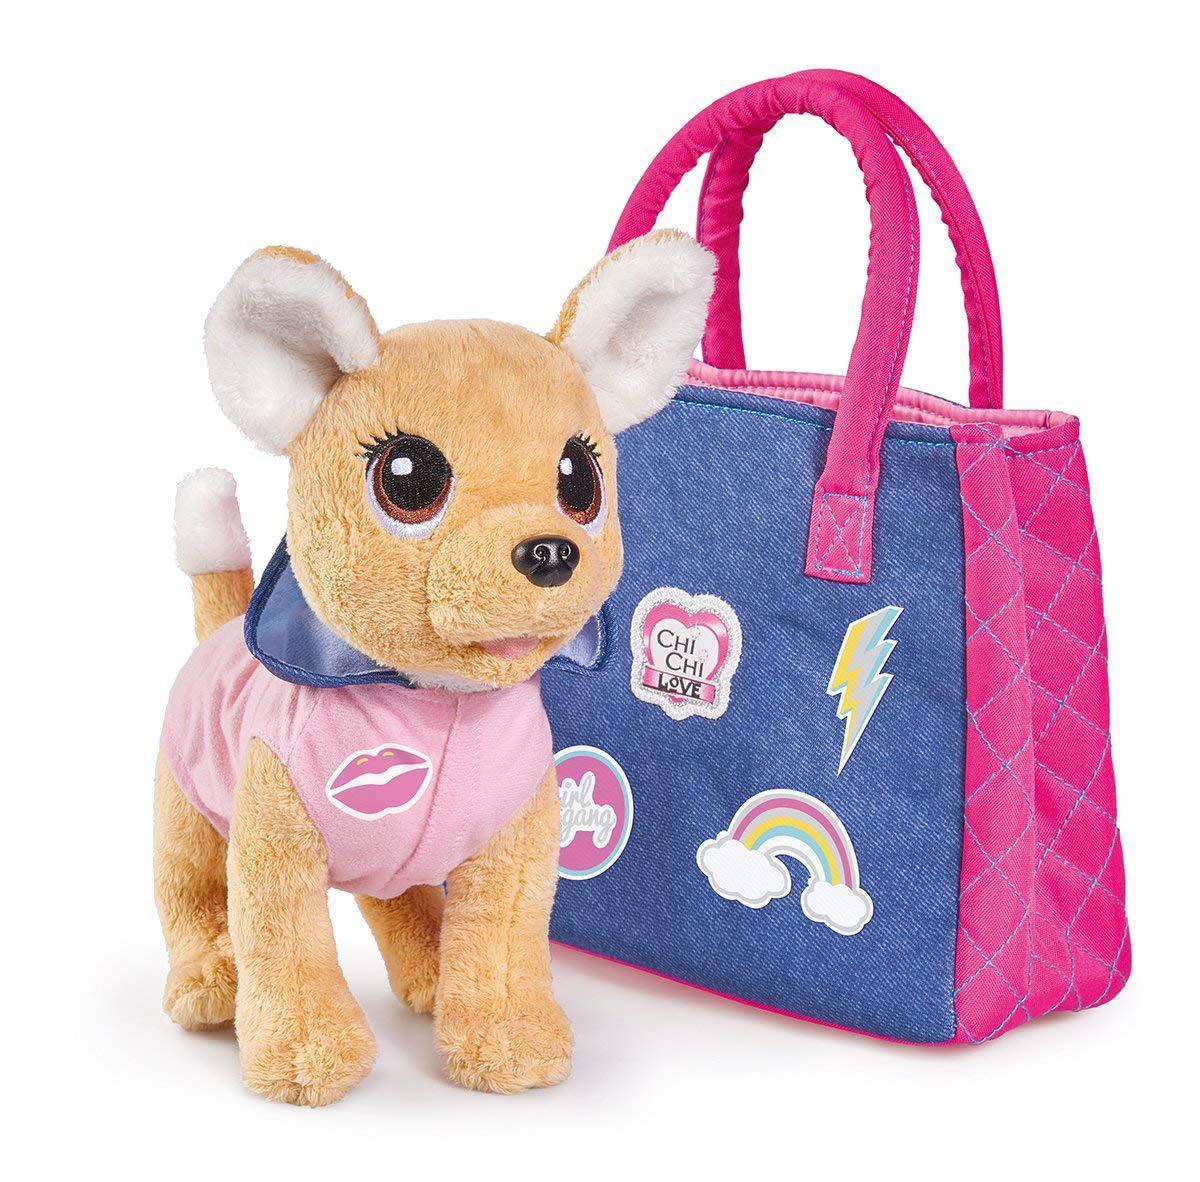 Собачка Фешн Чихуахуа Городской стиль с сумочкой CHI CHI LOVE Simba 5893244